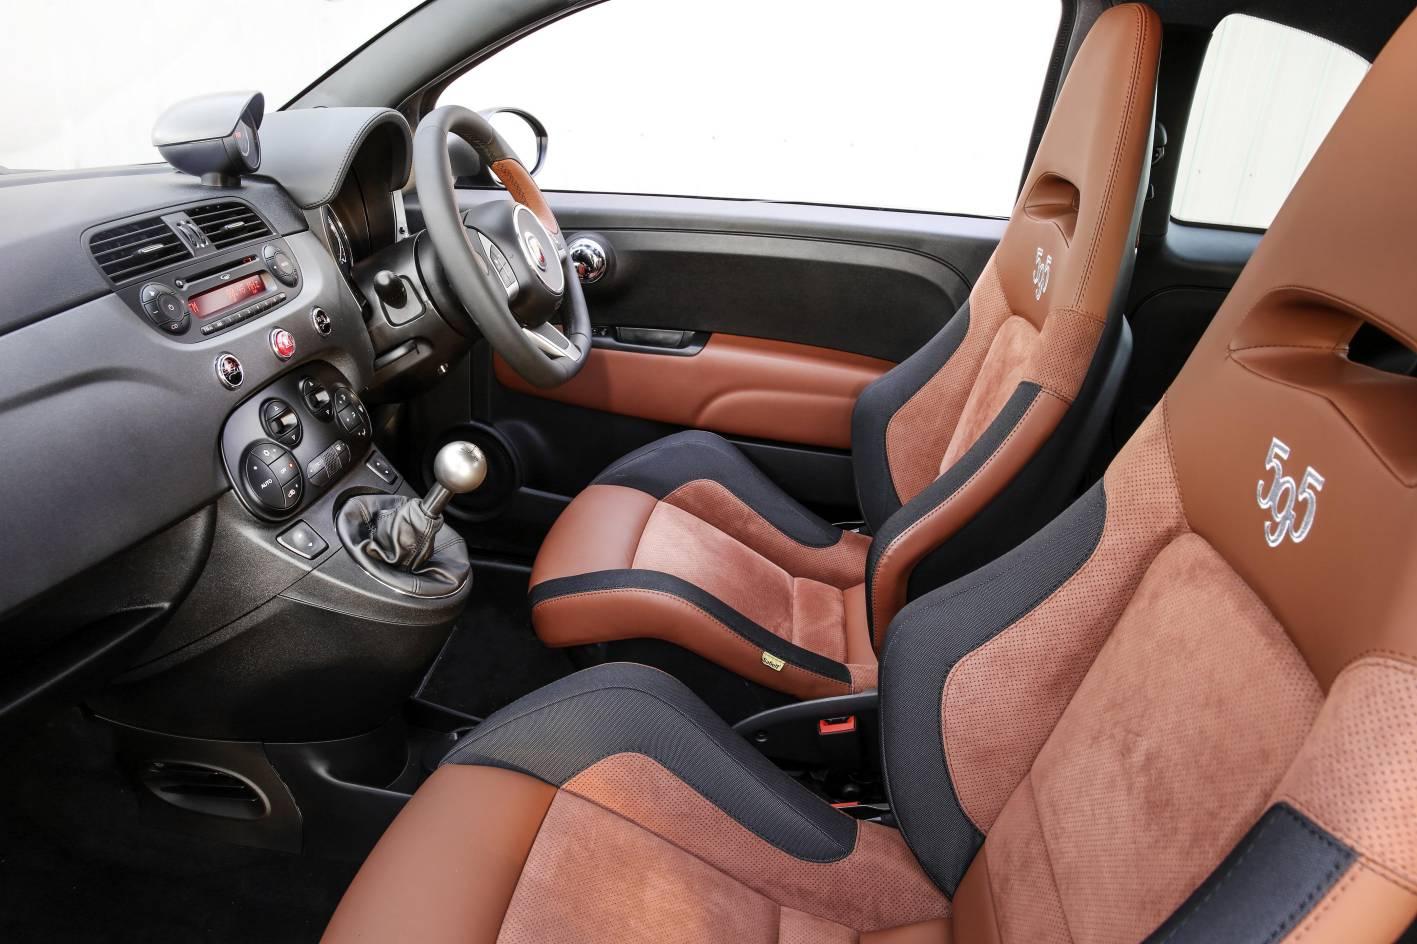 Abarth 595 Turismo Amp Competizione Announced For 2015